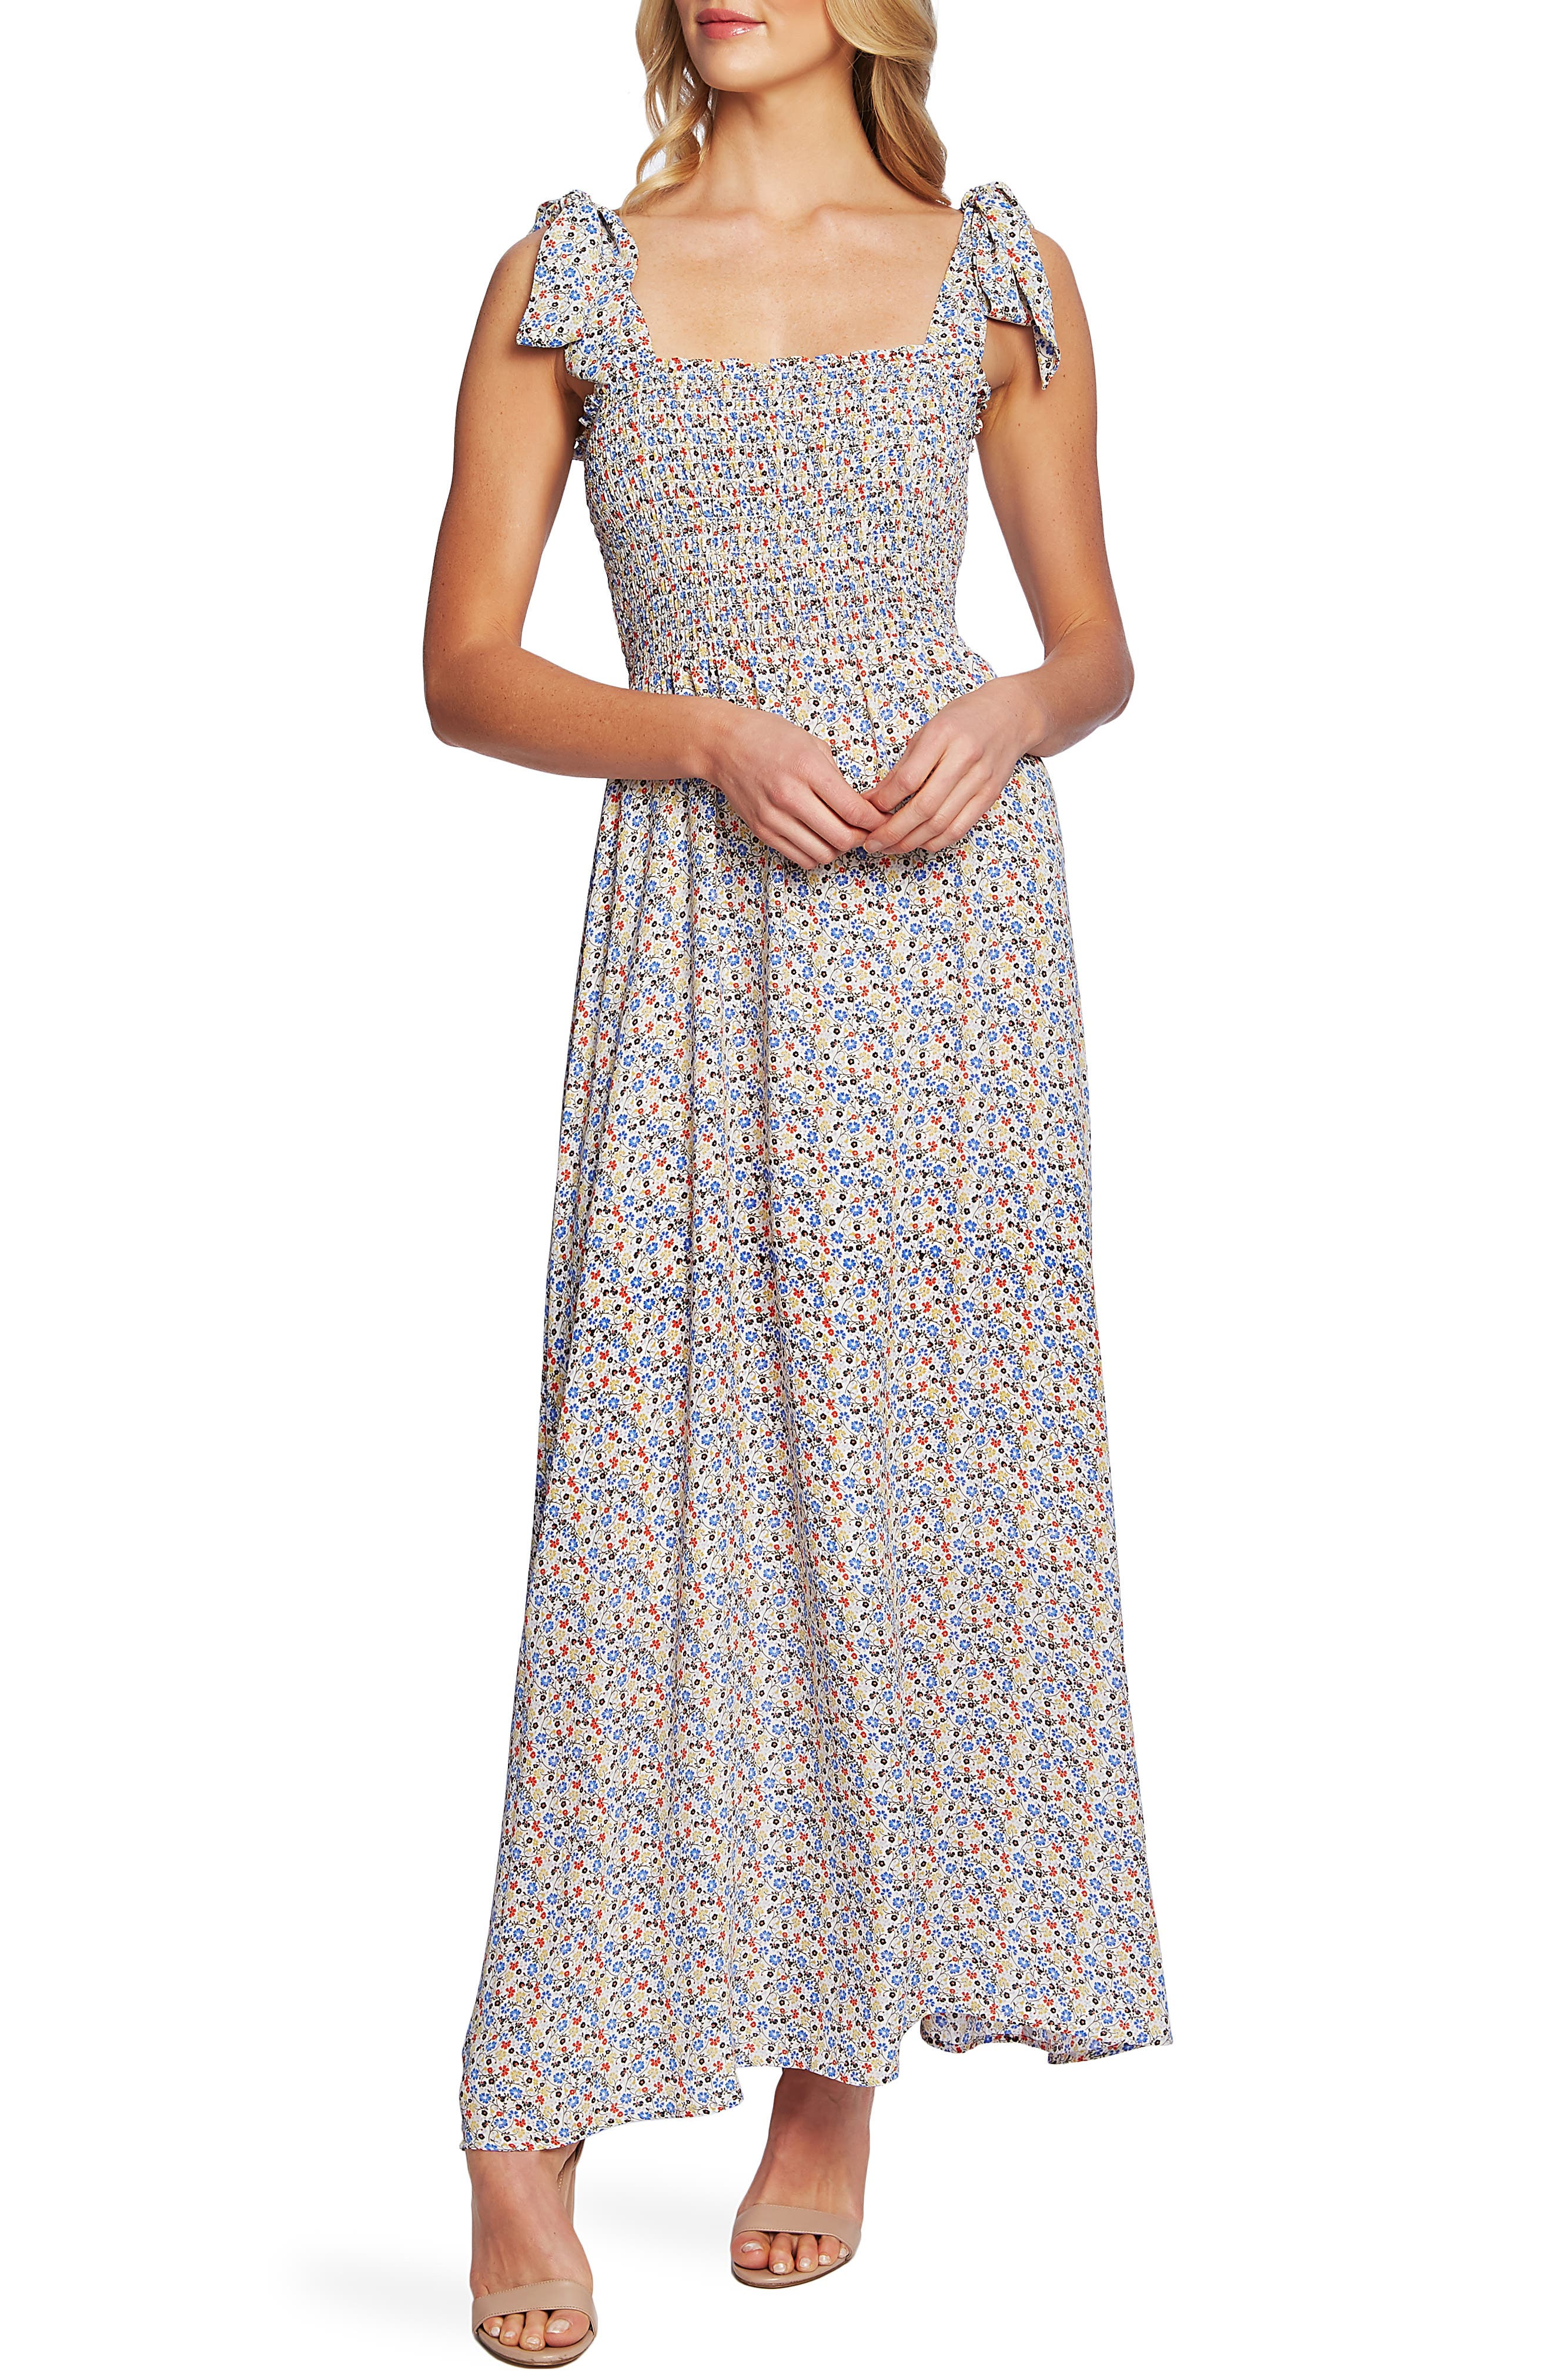 182aaa0eb01 Cece Ditsy Print Maxi Dress, Ivory